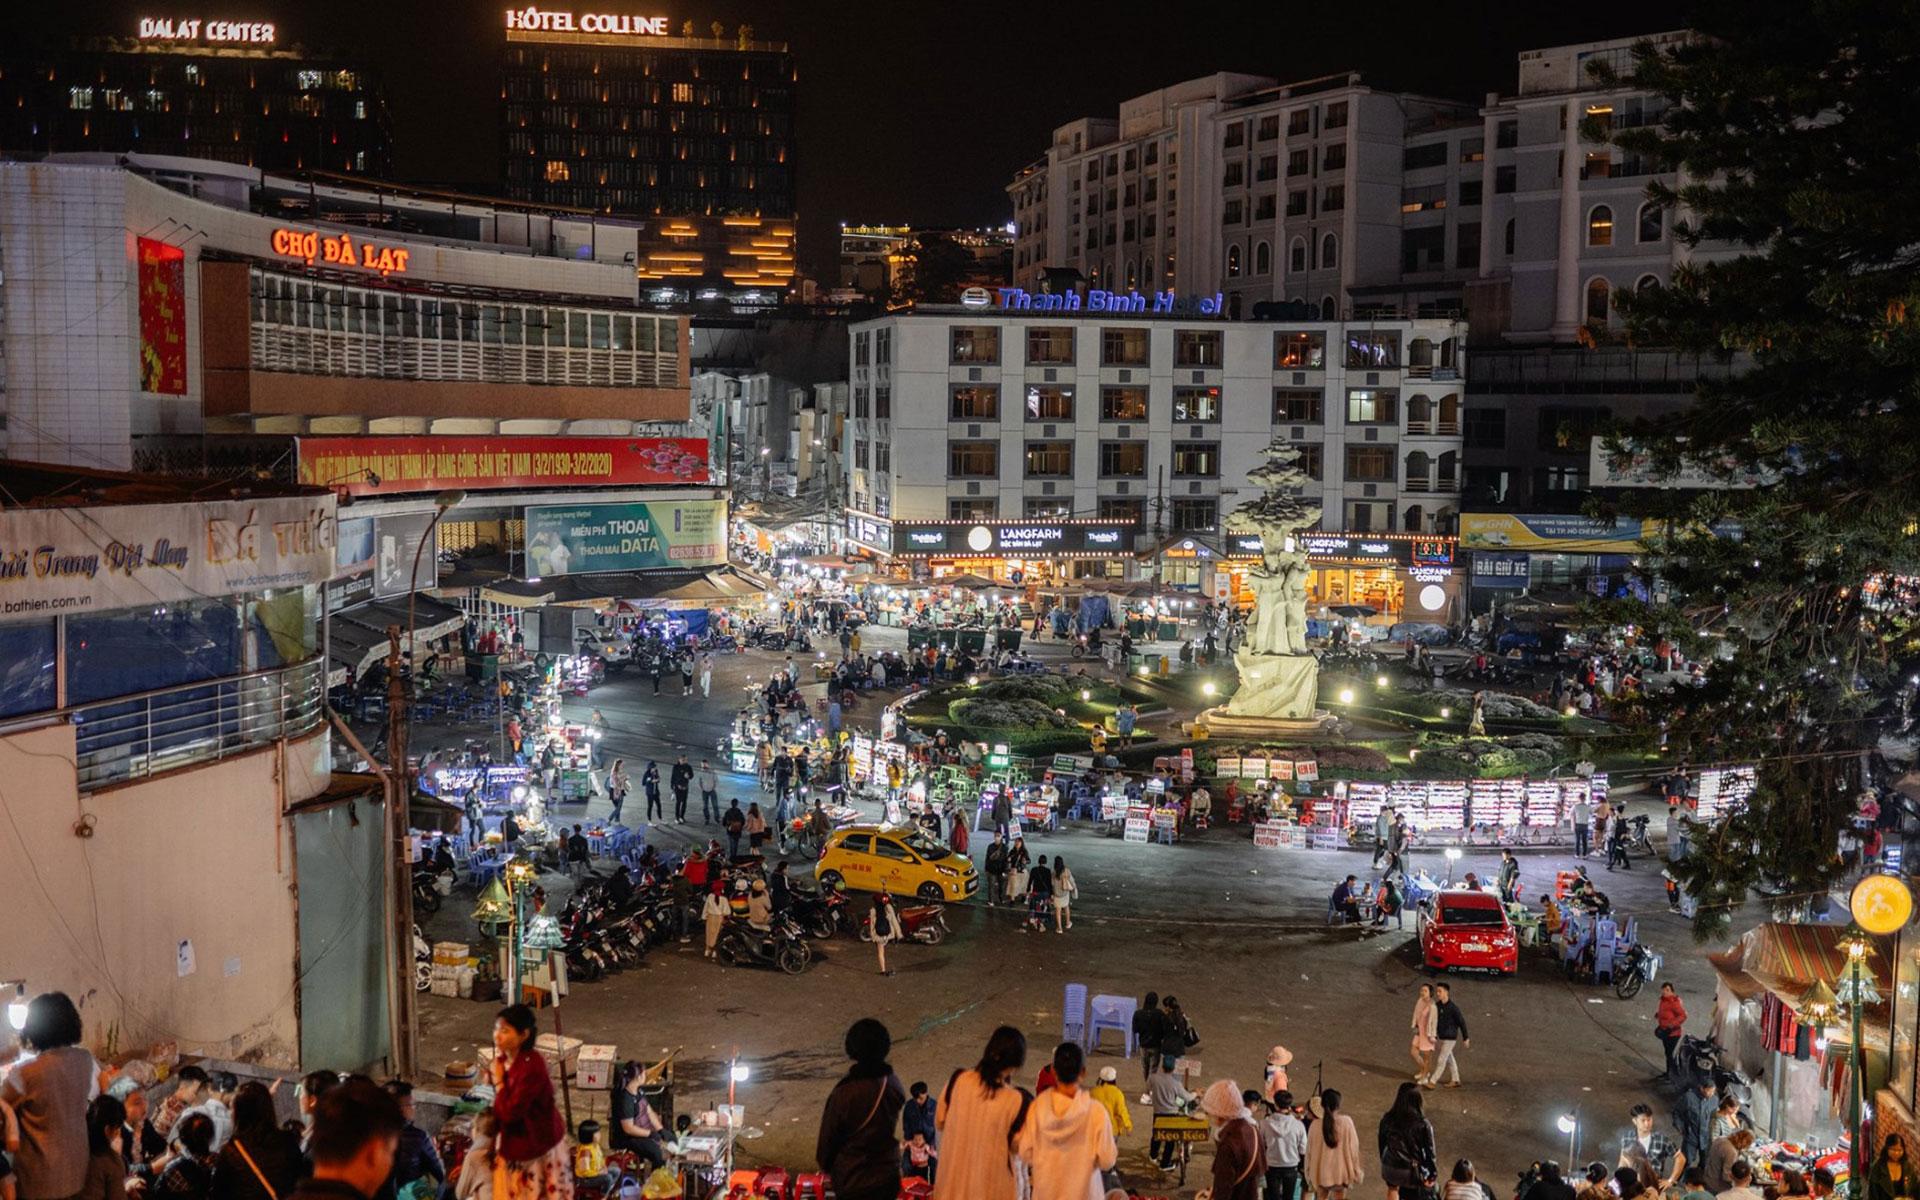 Dalat travel guide - Dalat Central Market